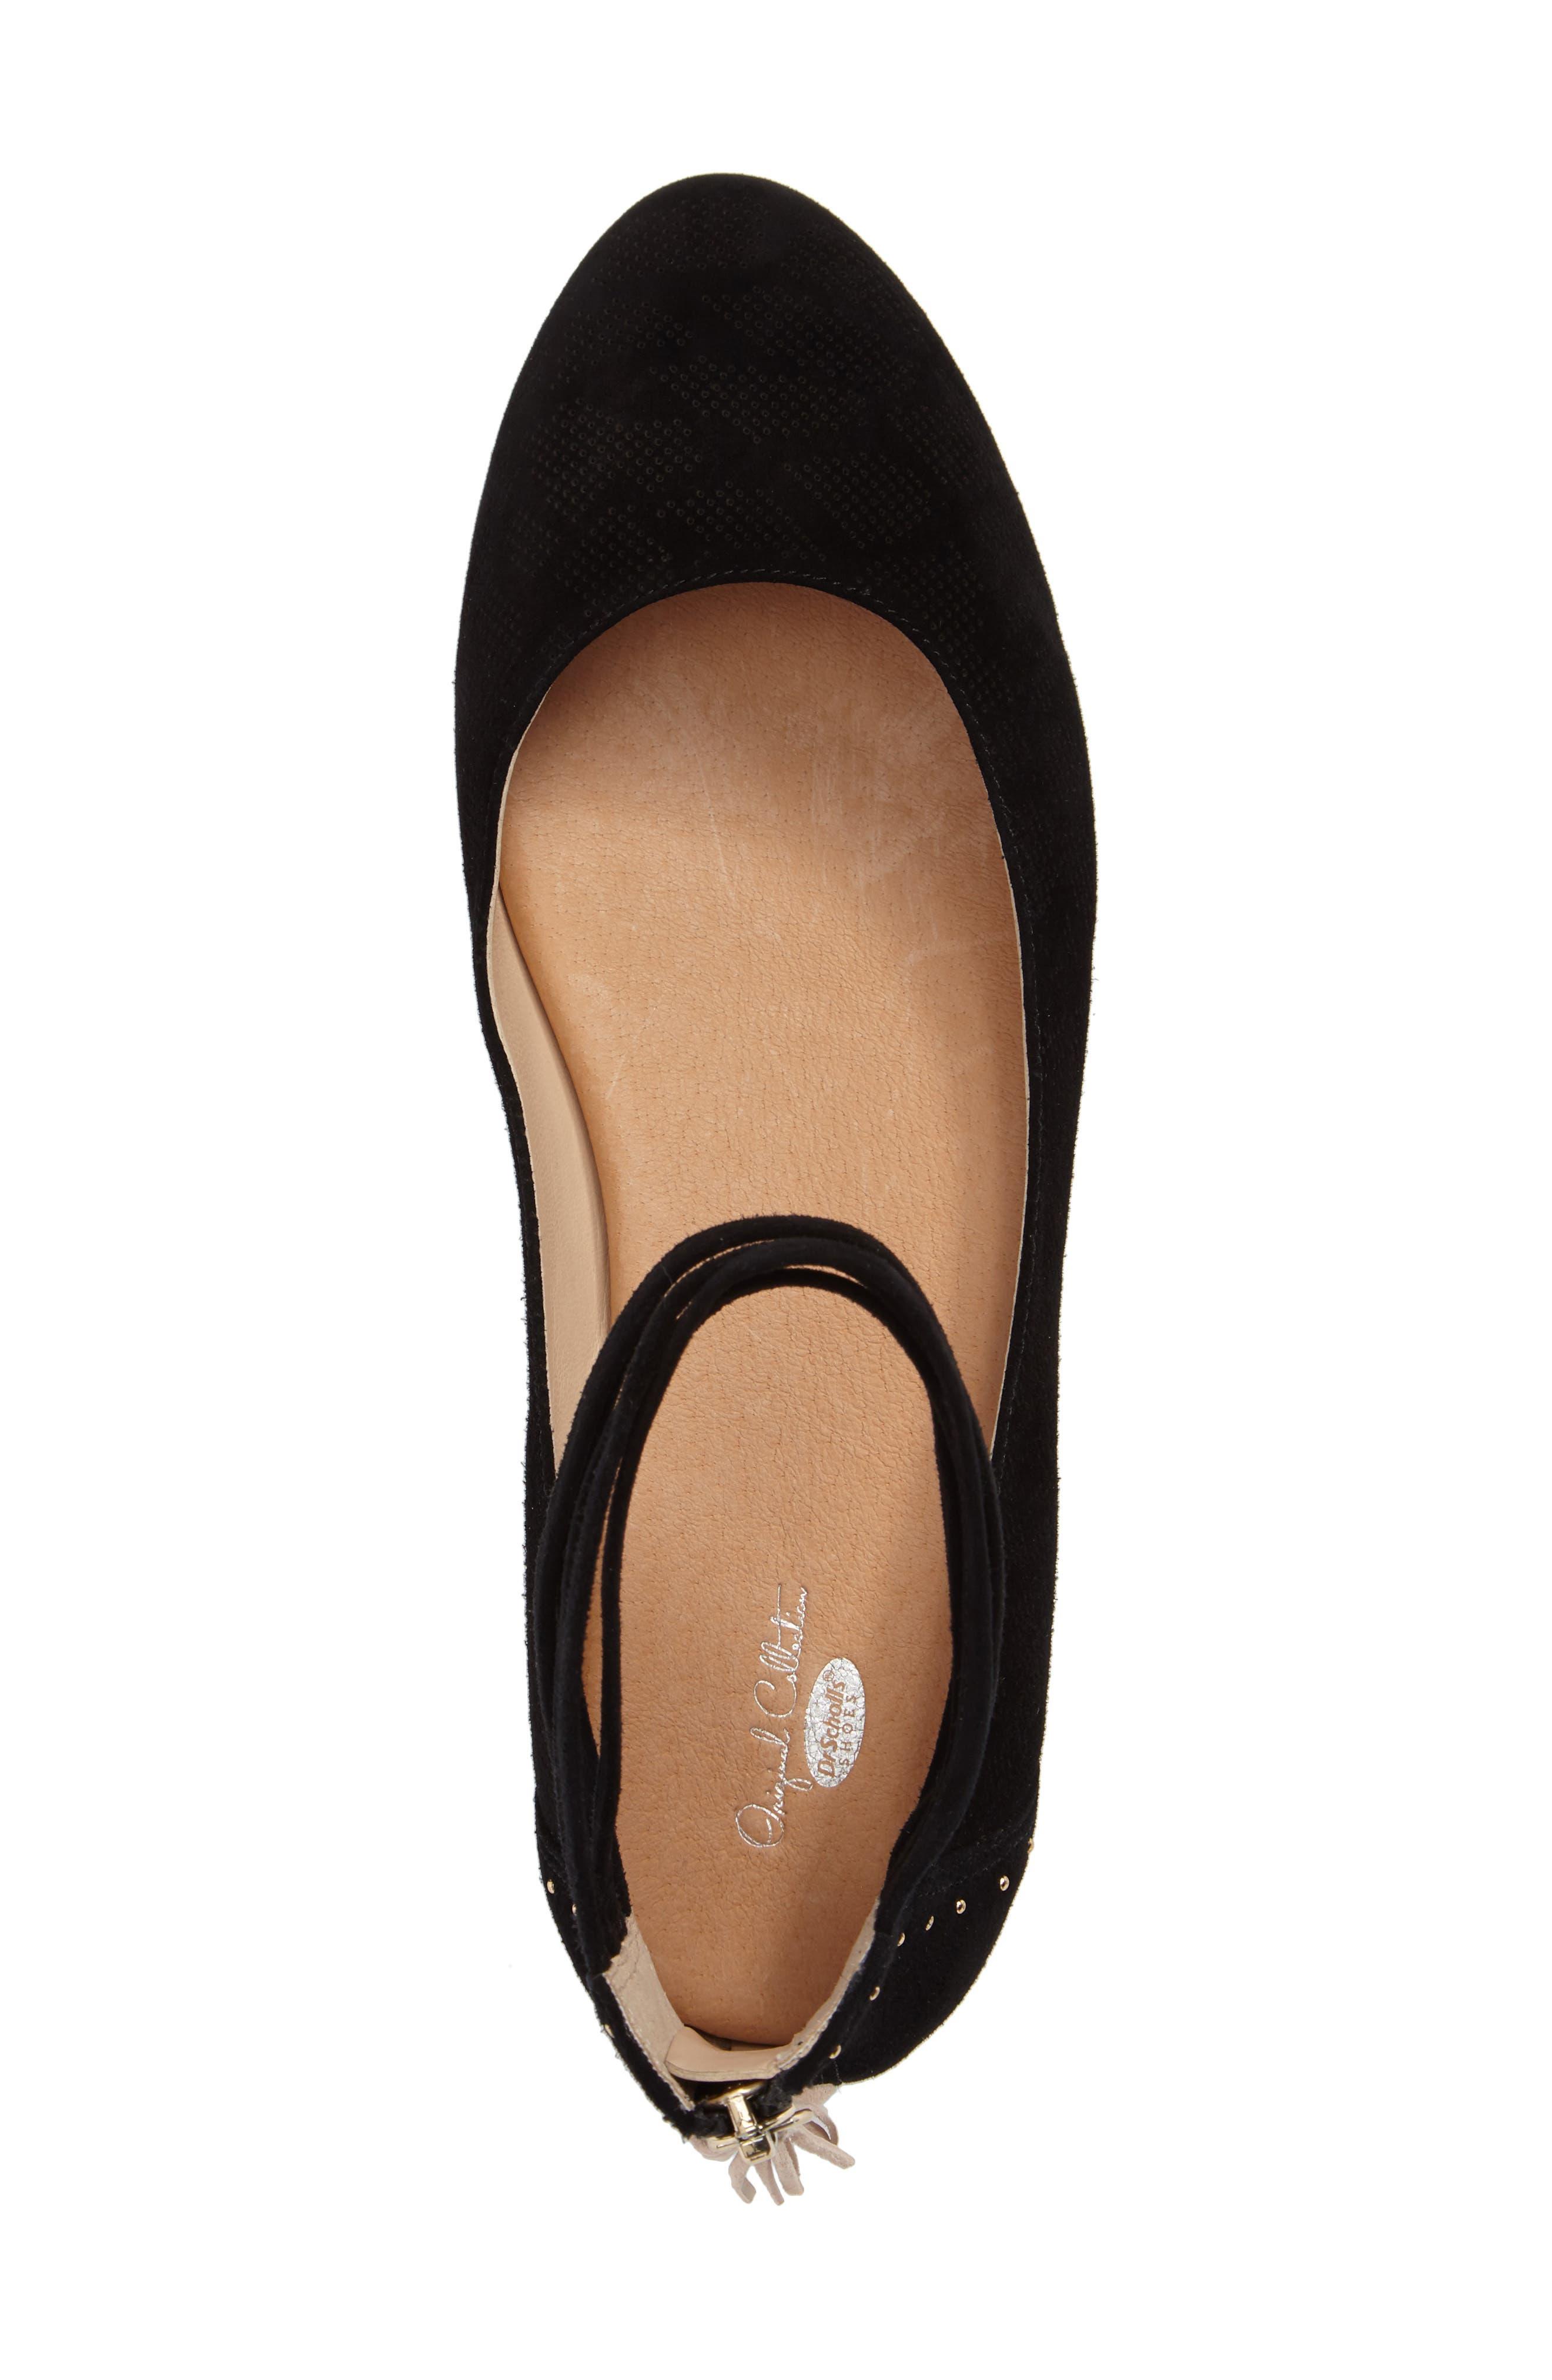 Vonne Ankle Wrap Ballet Flat,                             Alternate thumbnail 5, color,                             001